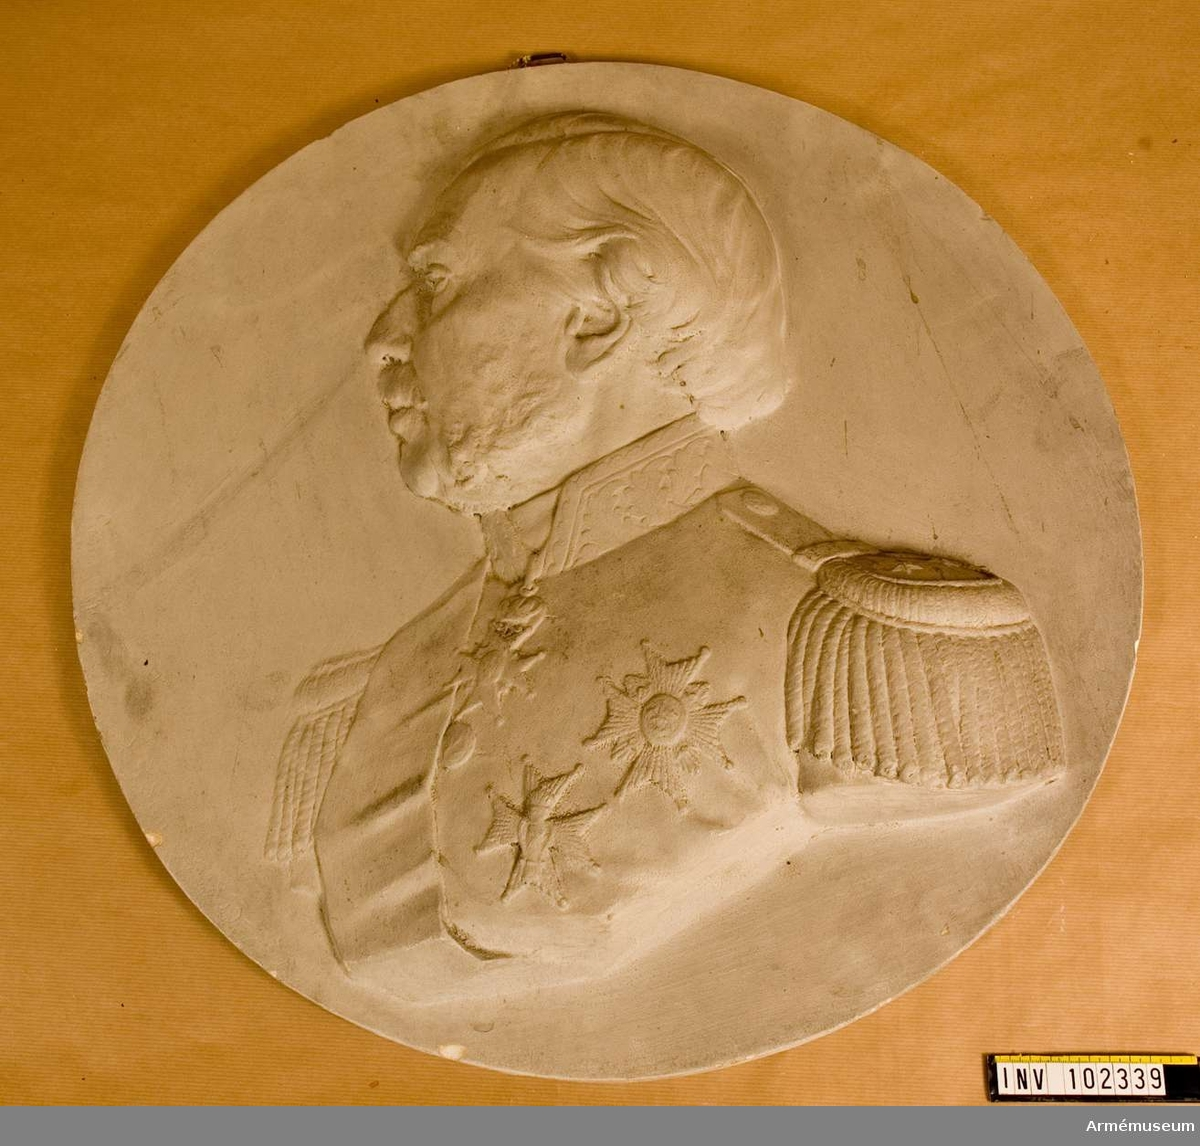 Grupp M I. Porträttmedaljon föreställande löjtnanten m m greve Gustaf Sandels f. 1815 d. 1915. Sandels är porträtterad i bröstbild åt vänster. Klädd i uniform har han generallöjtnants gradbeteckning, stora bandet av svärdsorden samt kraschaner. Huvudet är bart. Material: gips.